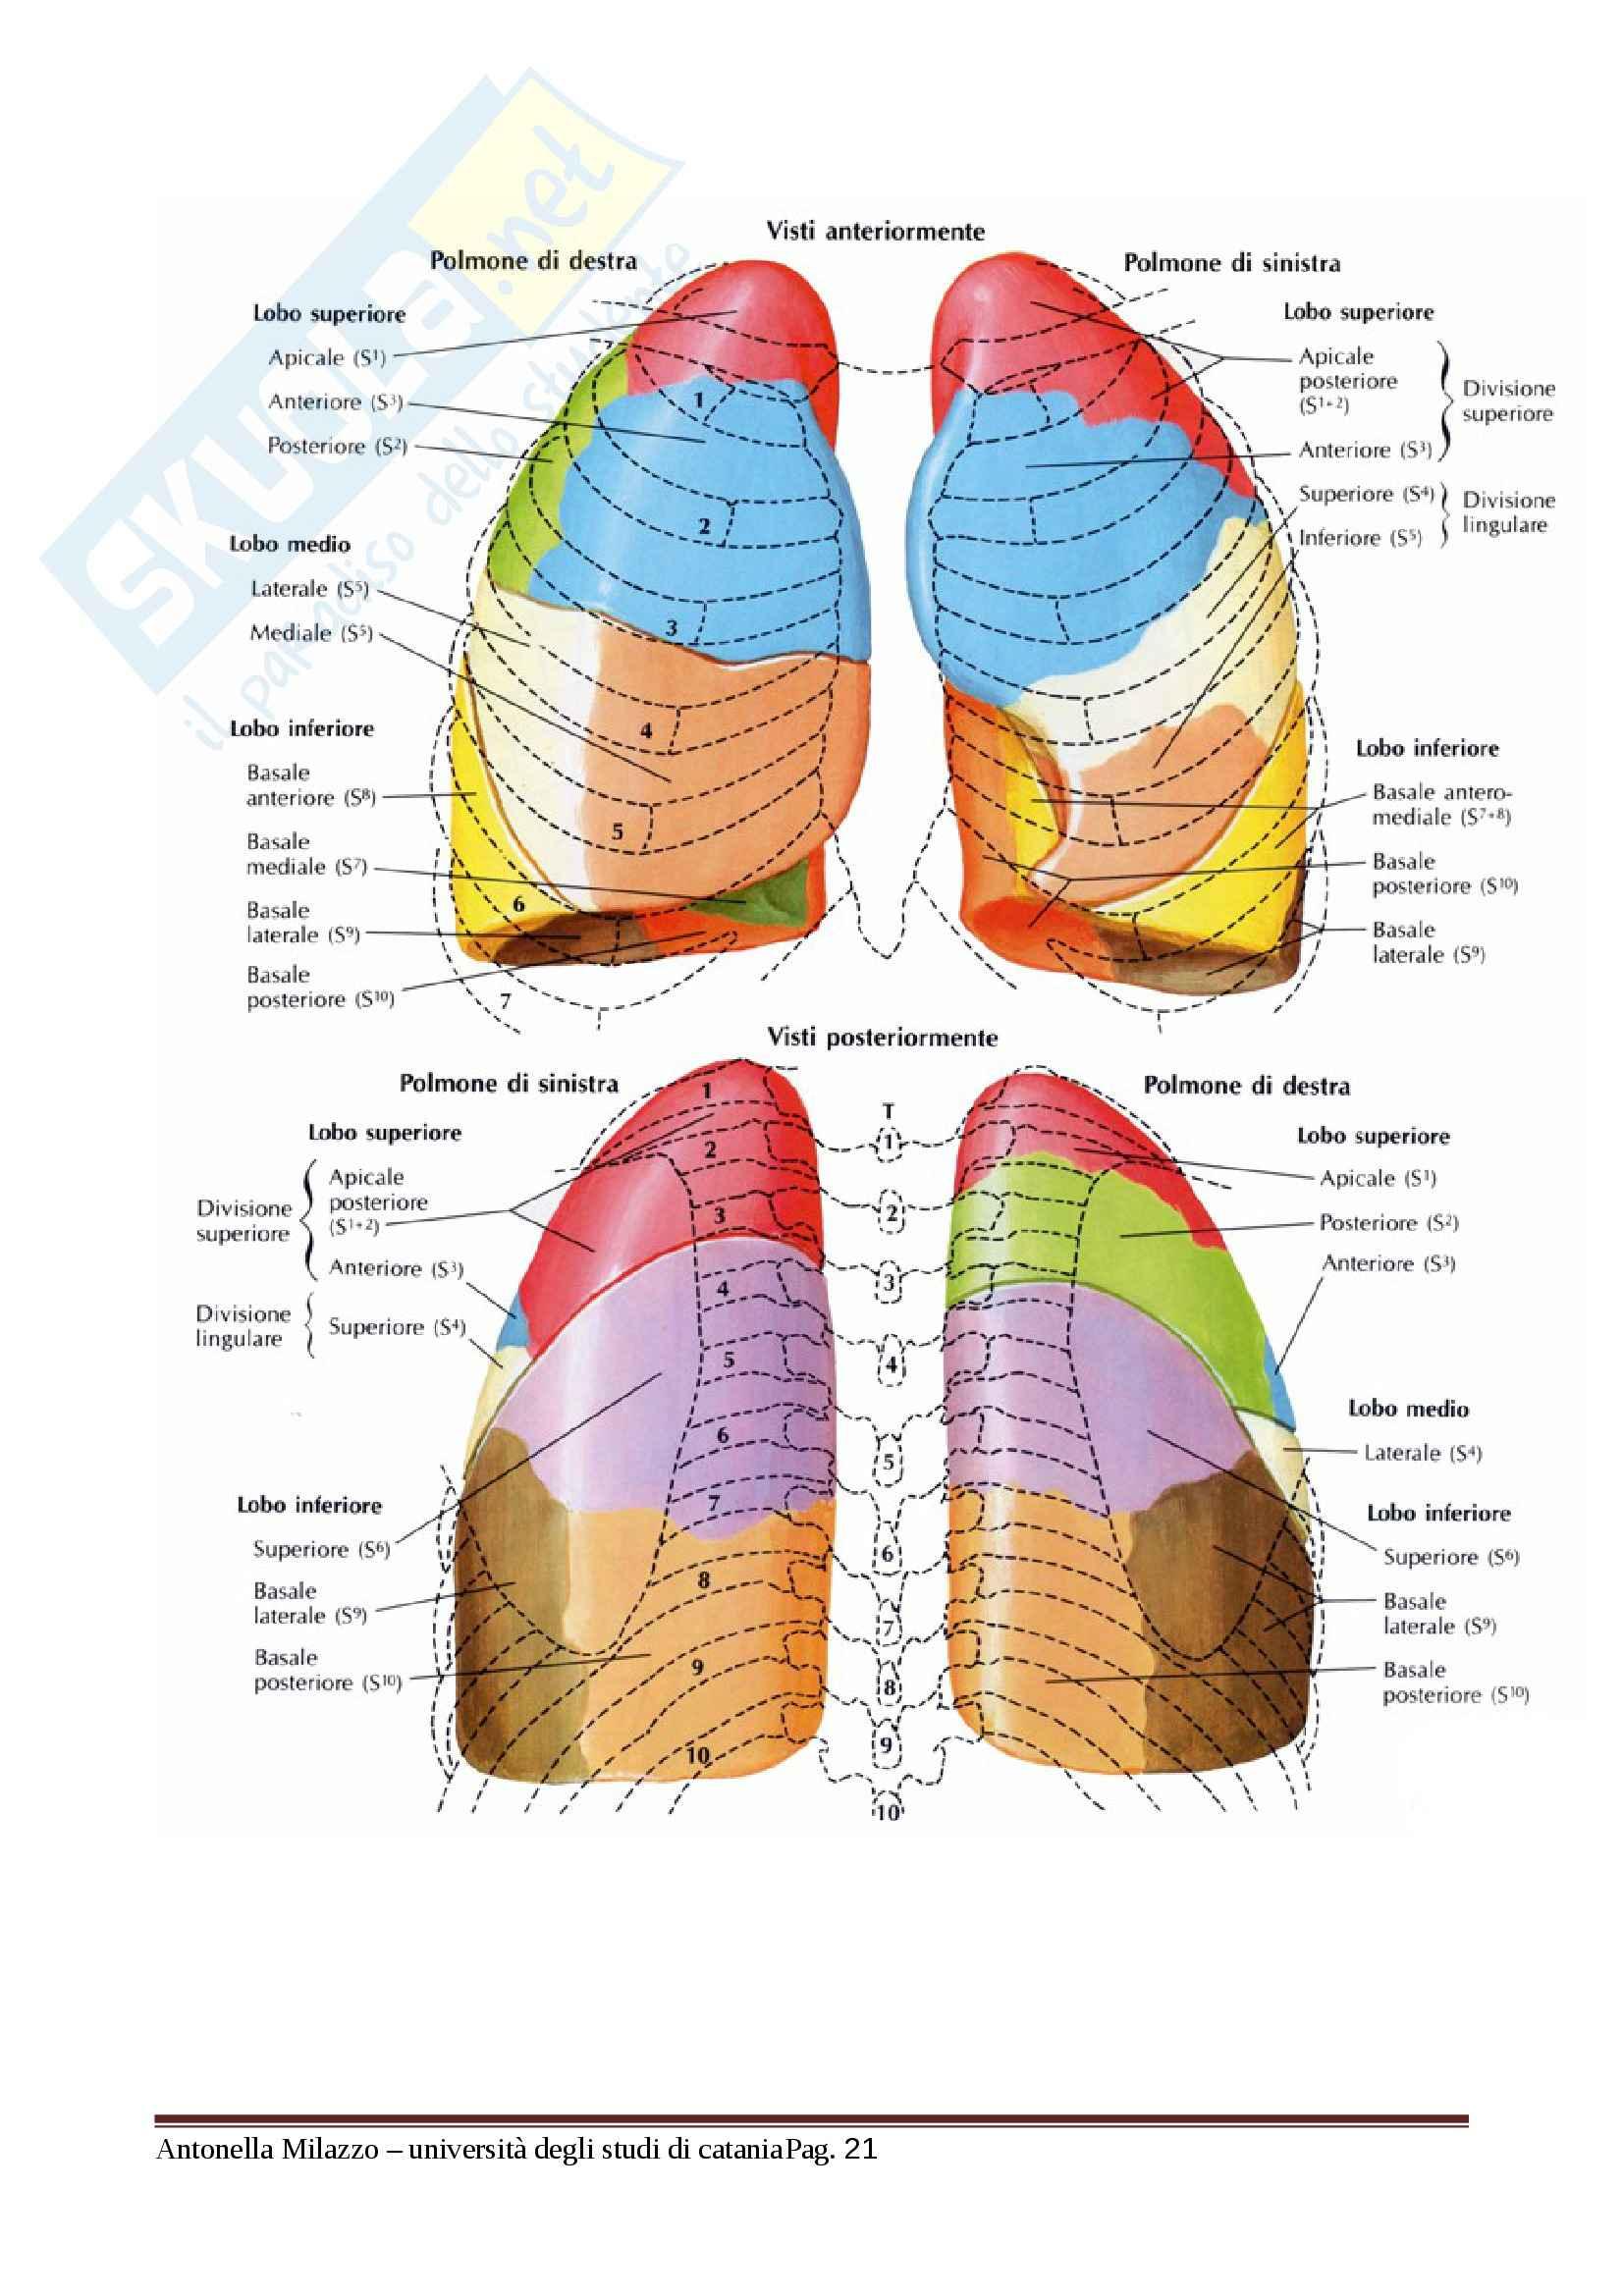 Anatomia e fisiologia dell'Apparato Respiratorio, Anatomia e fisiologia Pag. 21